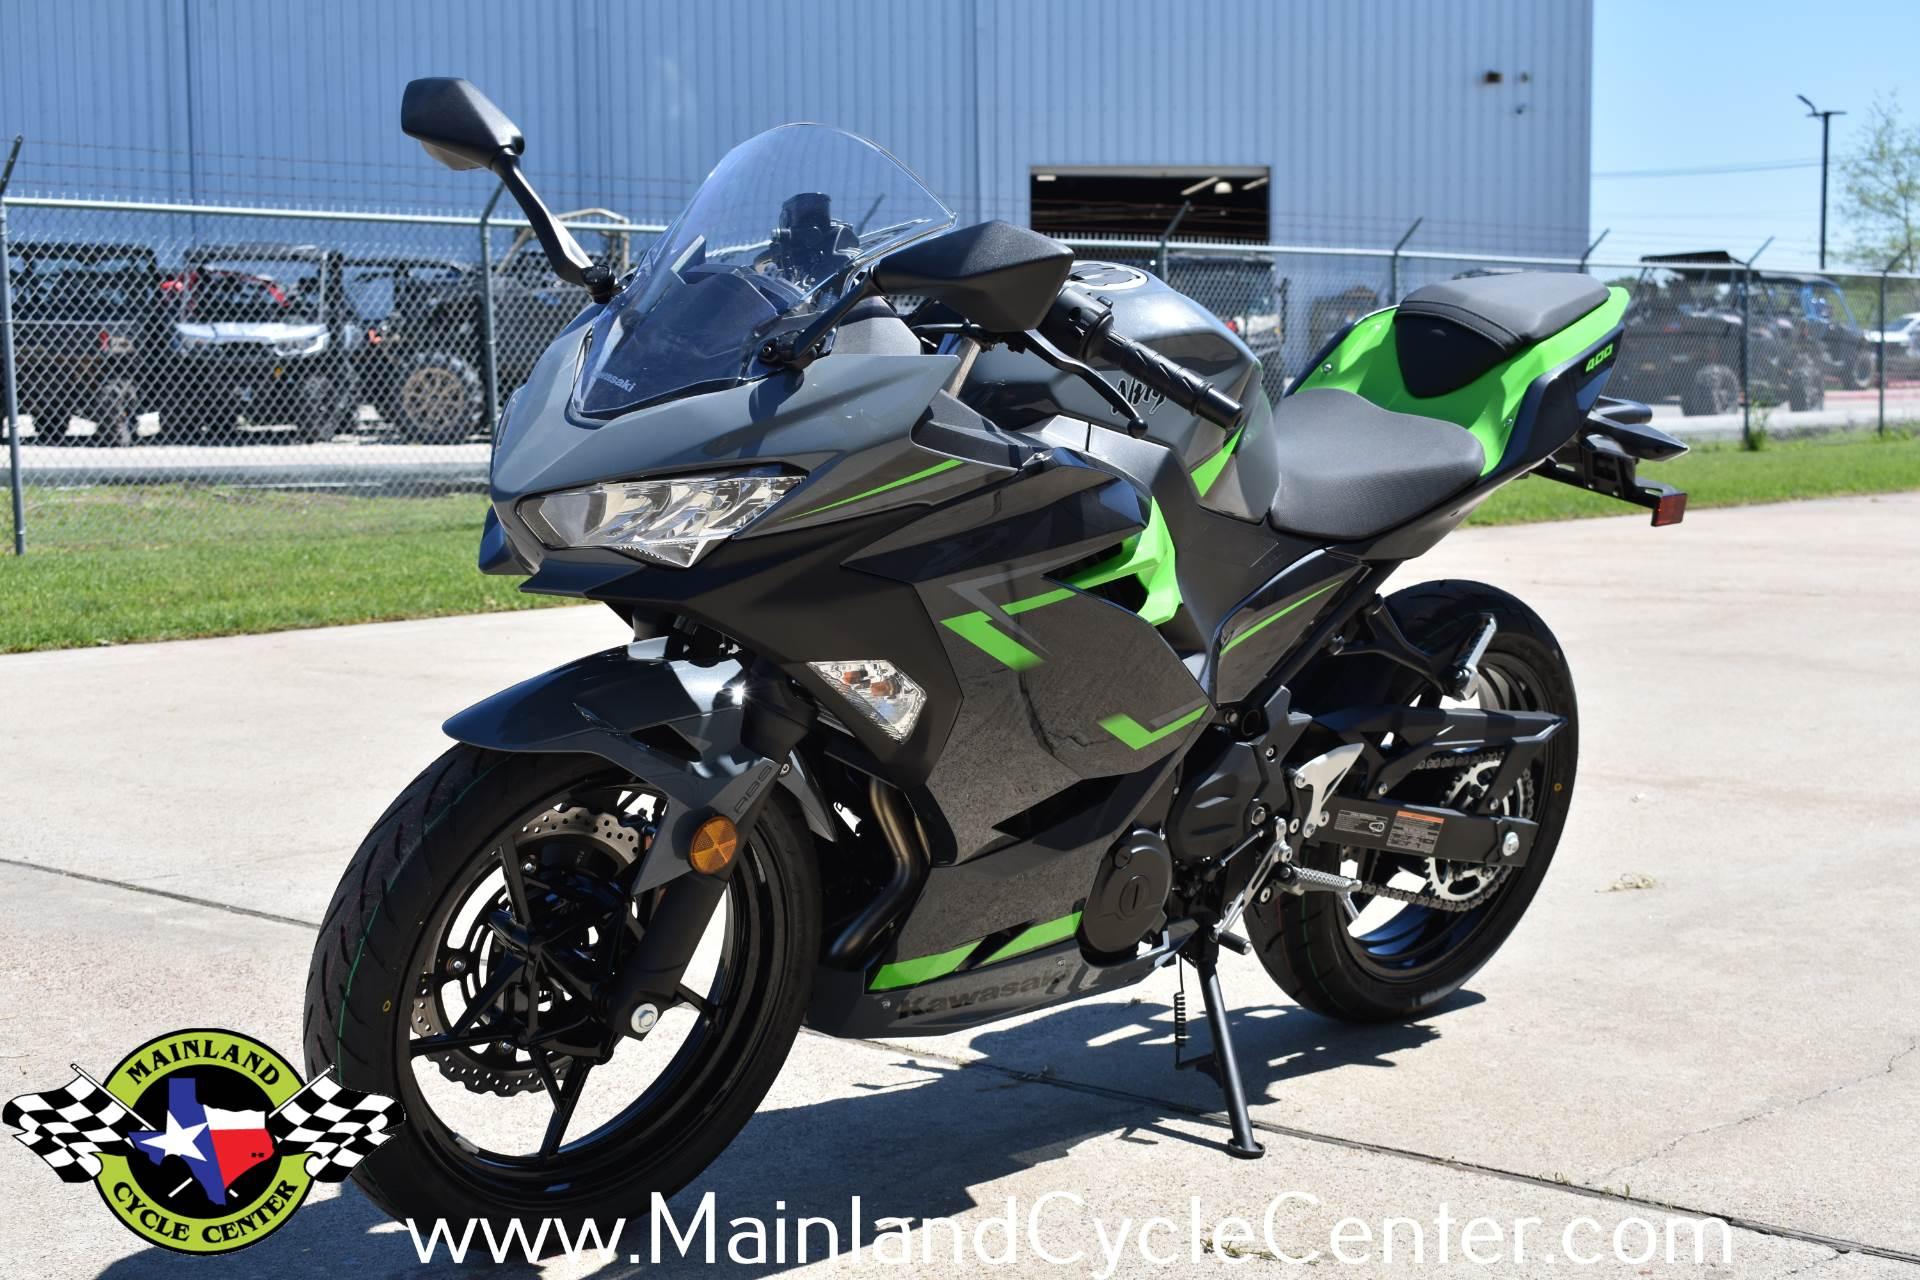 2019 Kawasaki Ninja 400 ABS 5